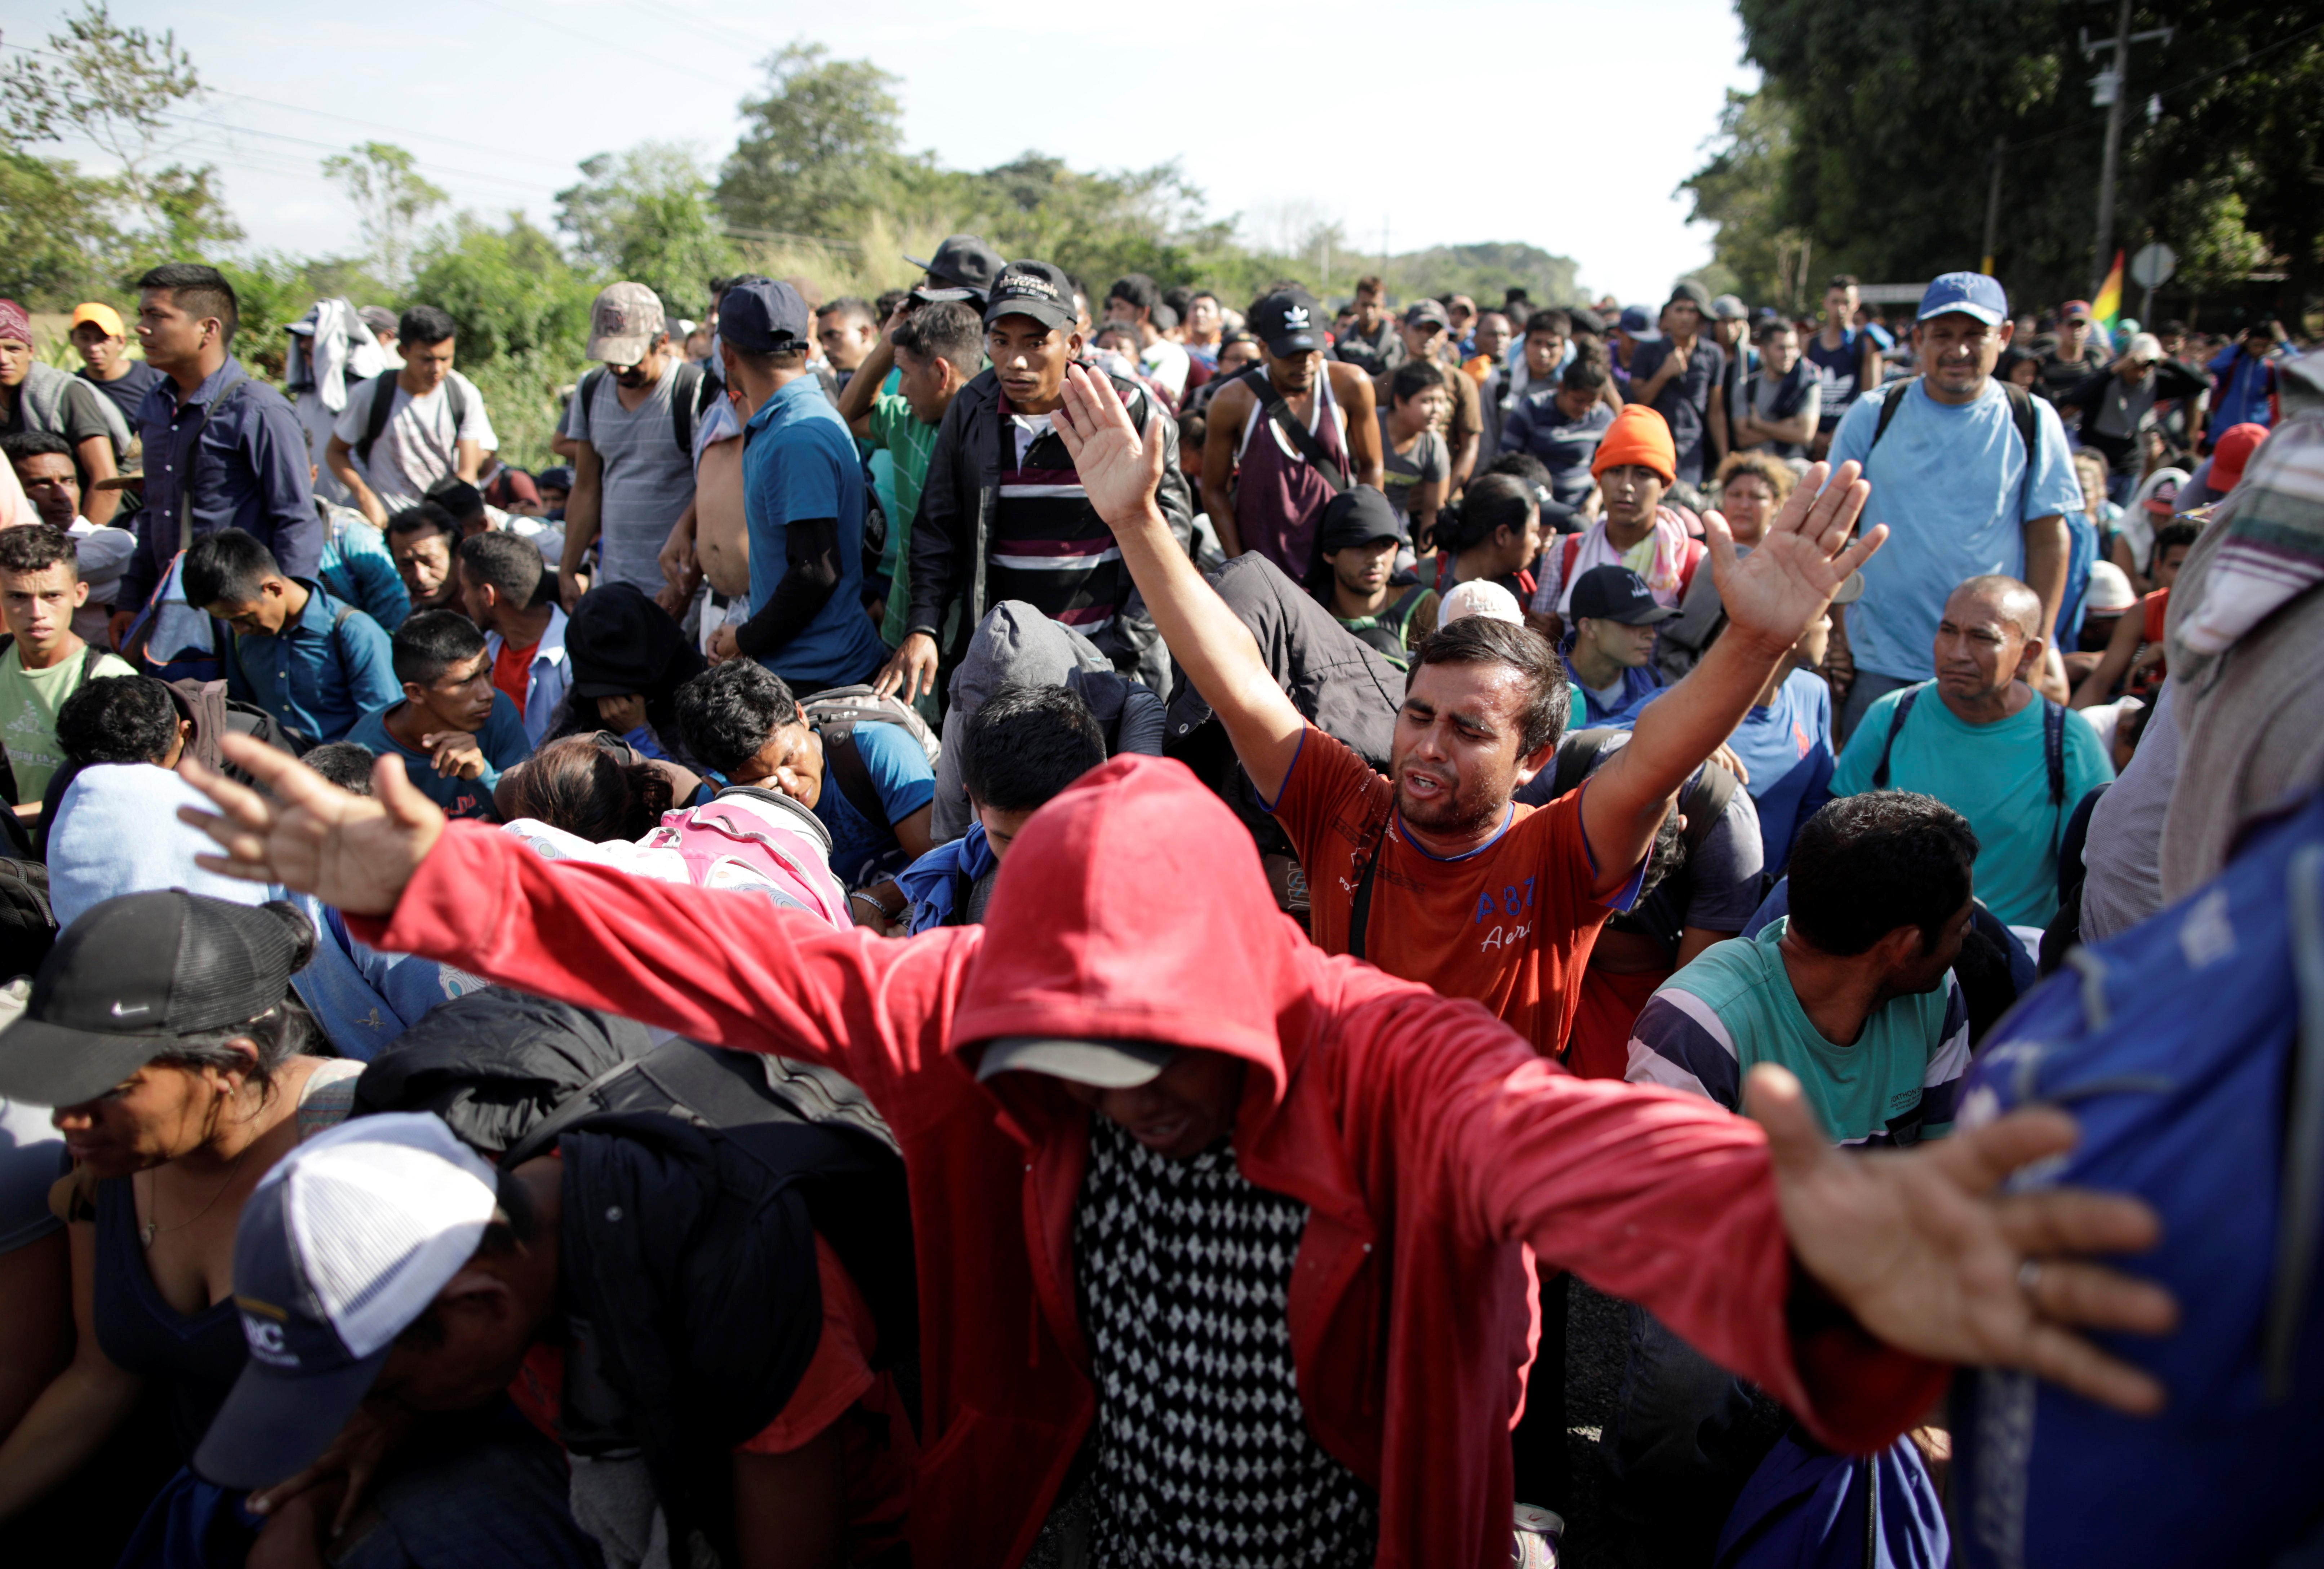 Migrantes se hincan ante la presencia de las fuerzas federales mexicanas, a manera de protesta pacífica (Foto: Andrés Martínez Casares/Reuters)